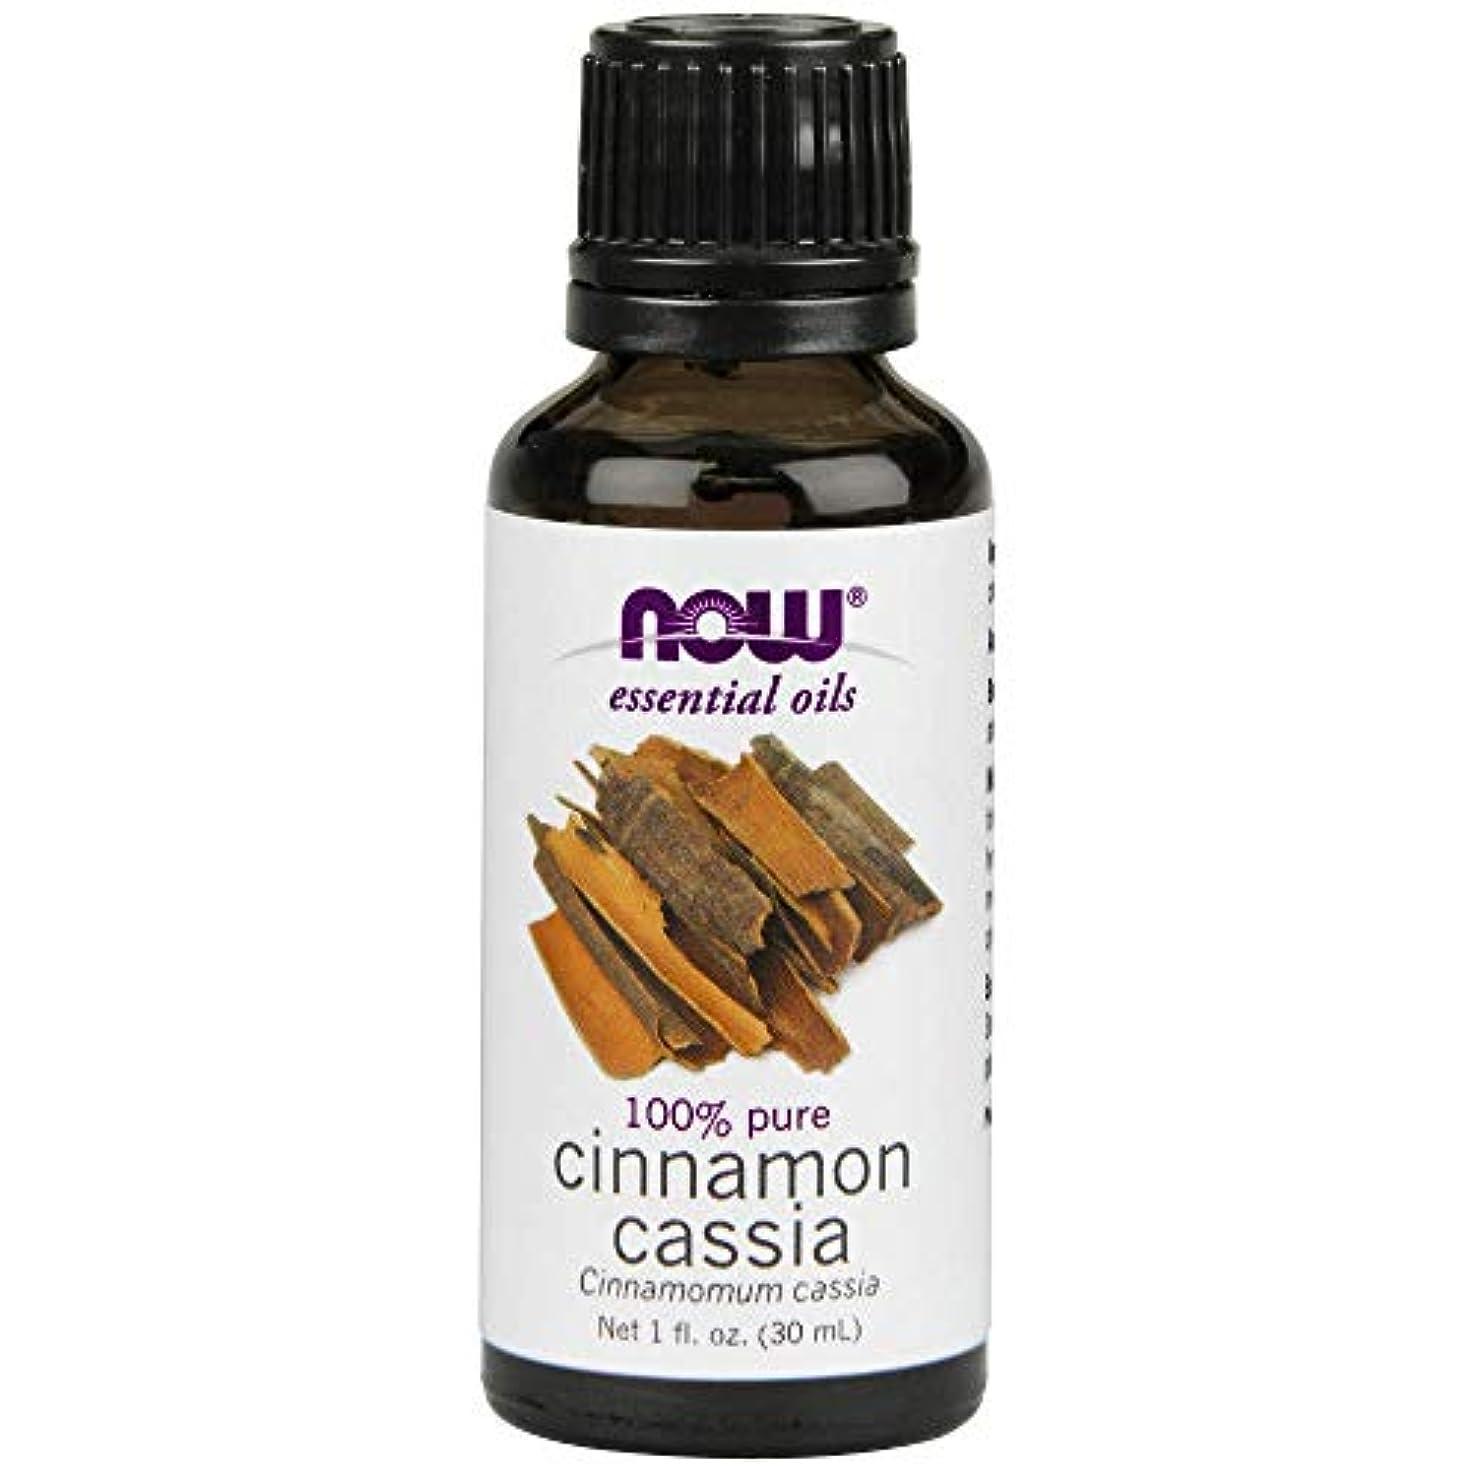 発音する前提不誠実Now - Cinnamon Cassia Oil 100% Pure 1 oz (30 ml) [並行輸入品]